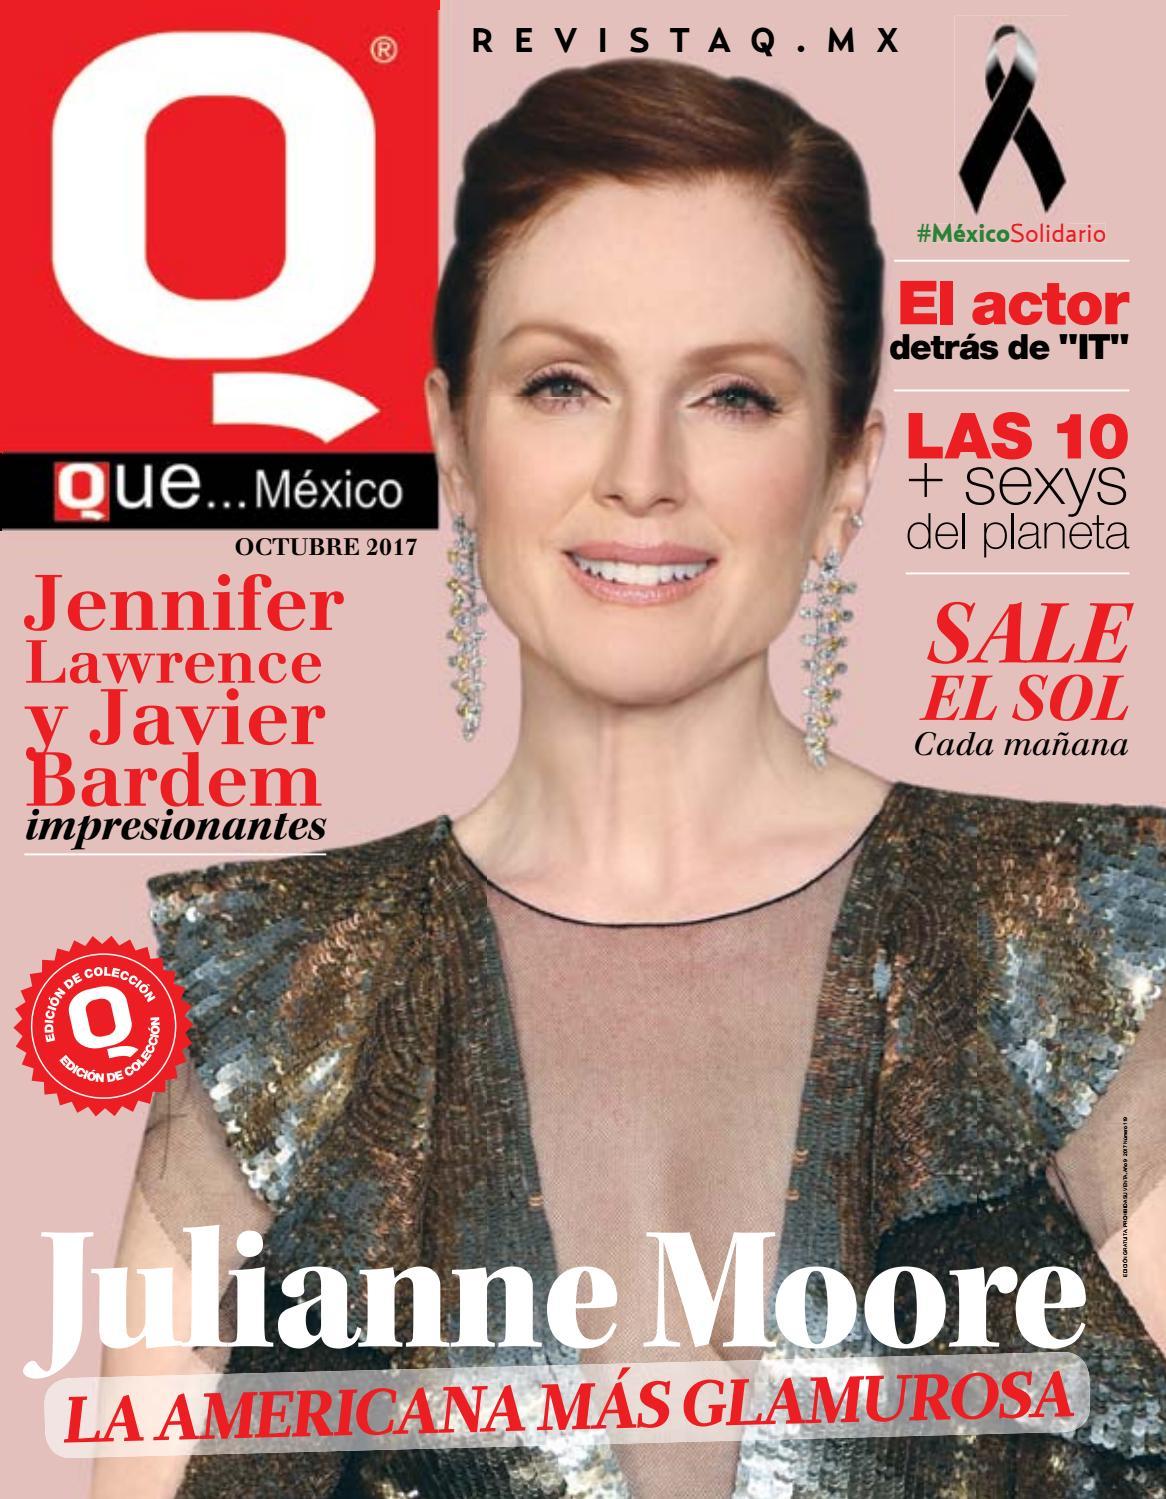 Revista Q 119 Octubre 2017 by Revista Q Que... México - issuu